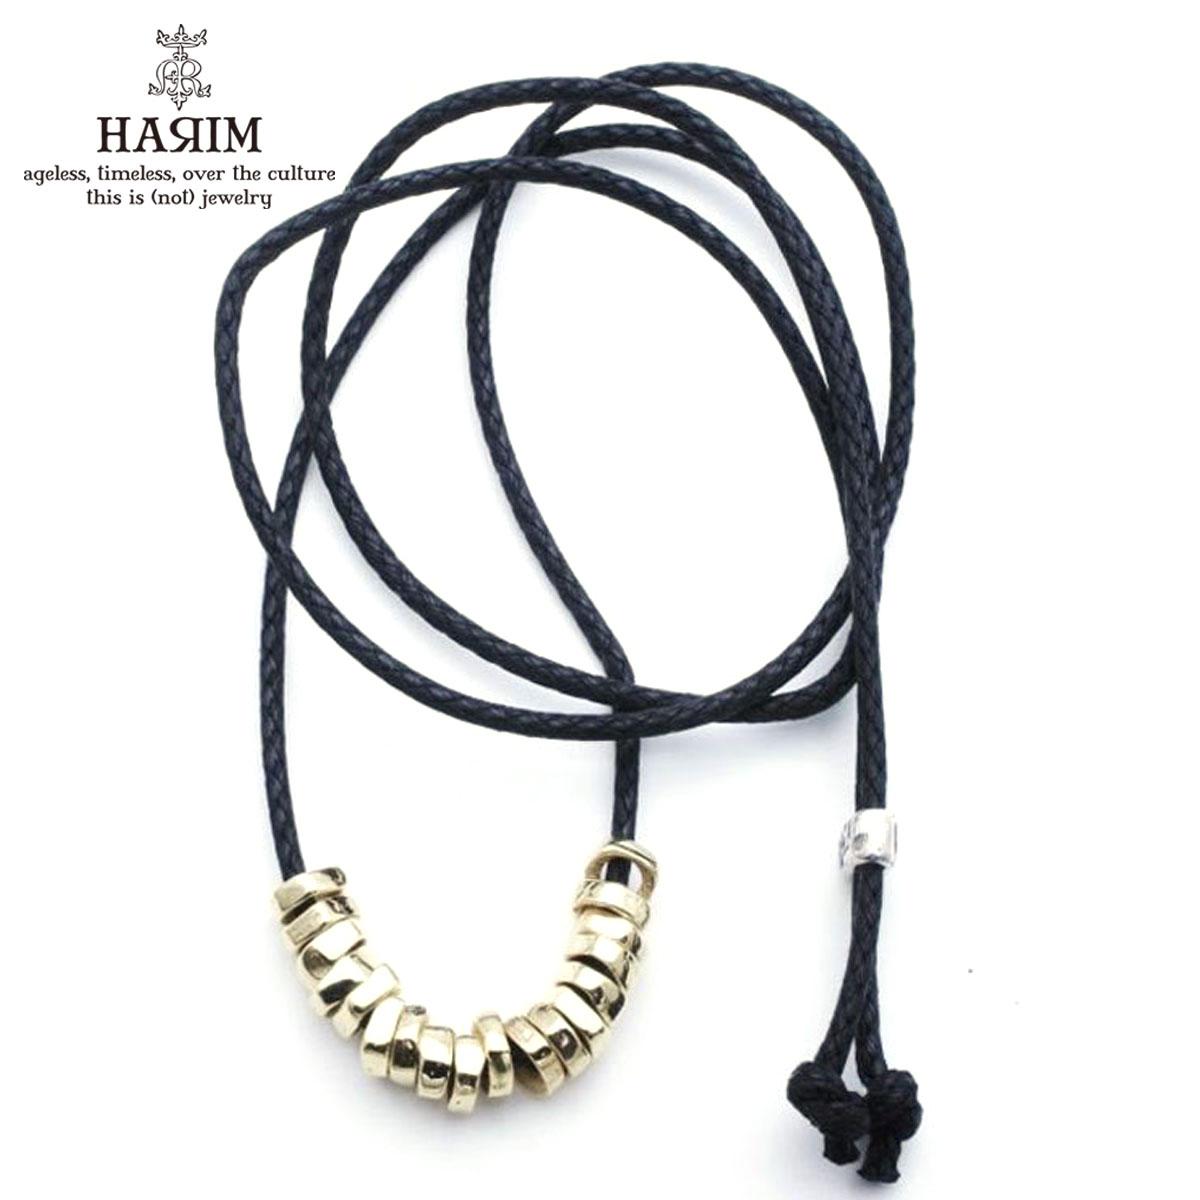 ハリム HARIM ネックレス ROCK BEADS CODE NECK W K18coating HRP117 GPC SILVER 925 K18YG GOLD PLATING